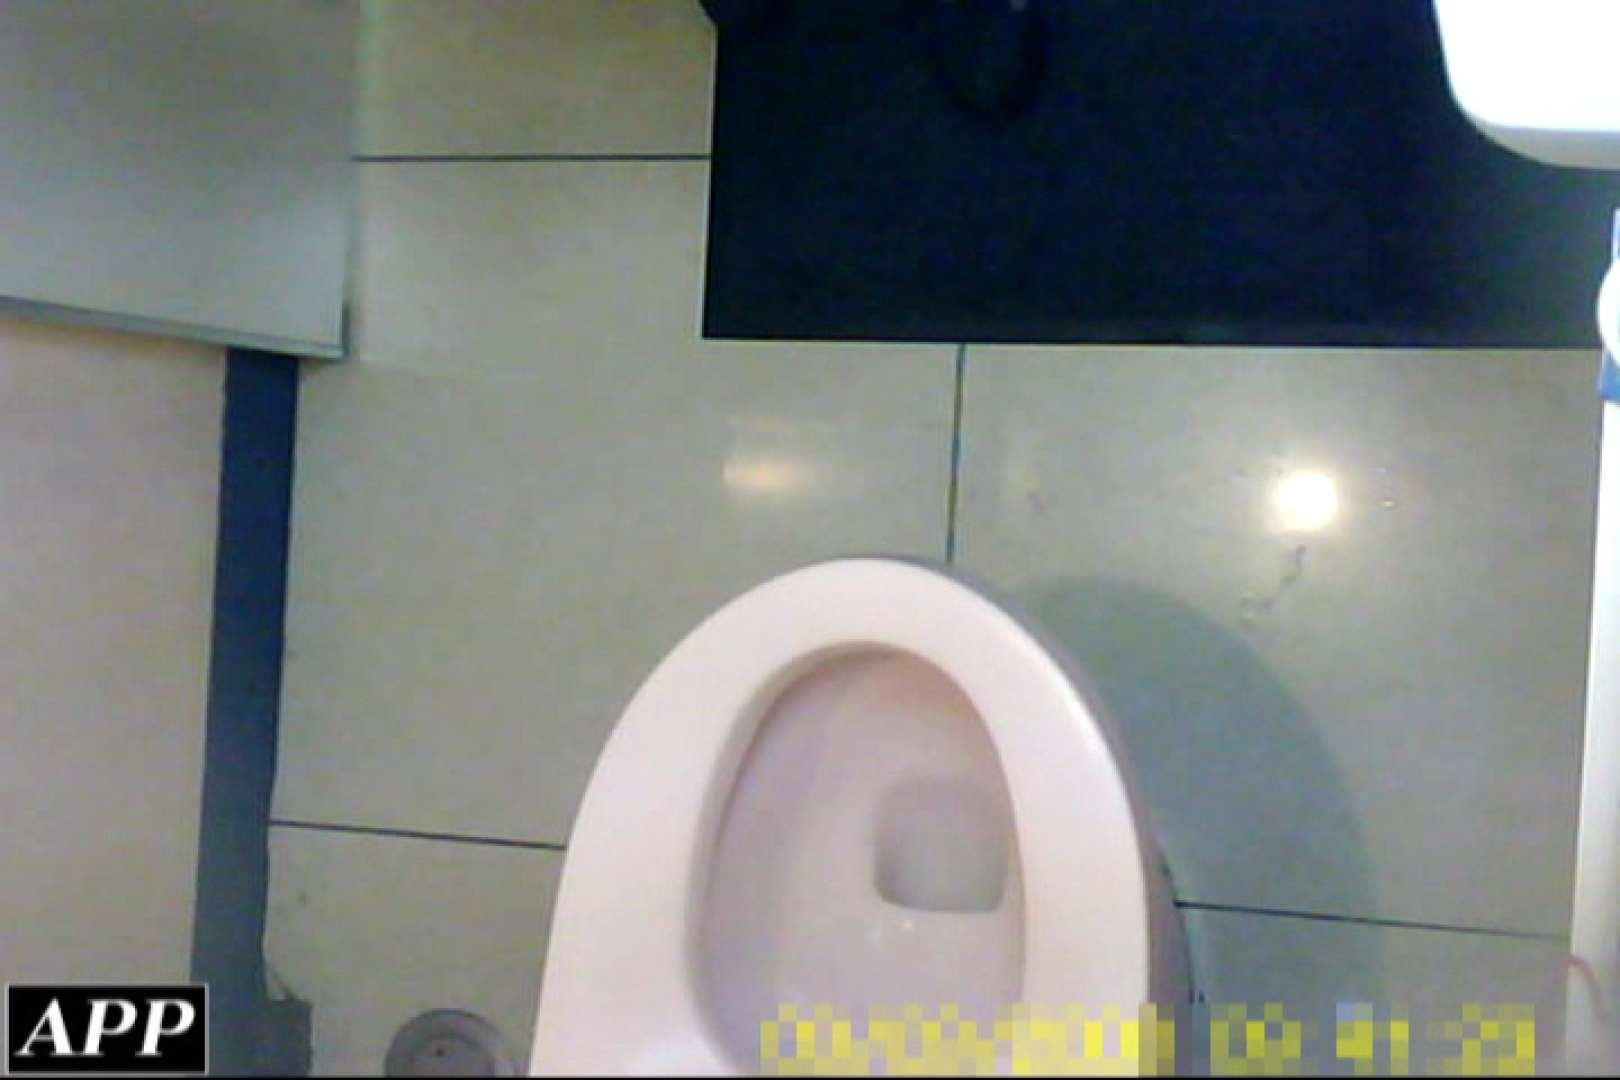 3視点洗面所 vol.139 お姉さん達のオマンコ エロ画像 92連発 54